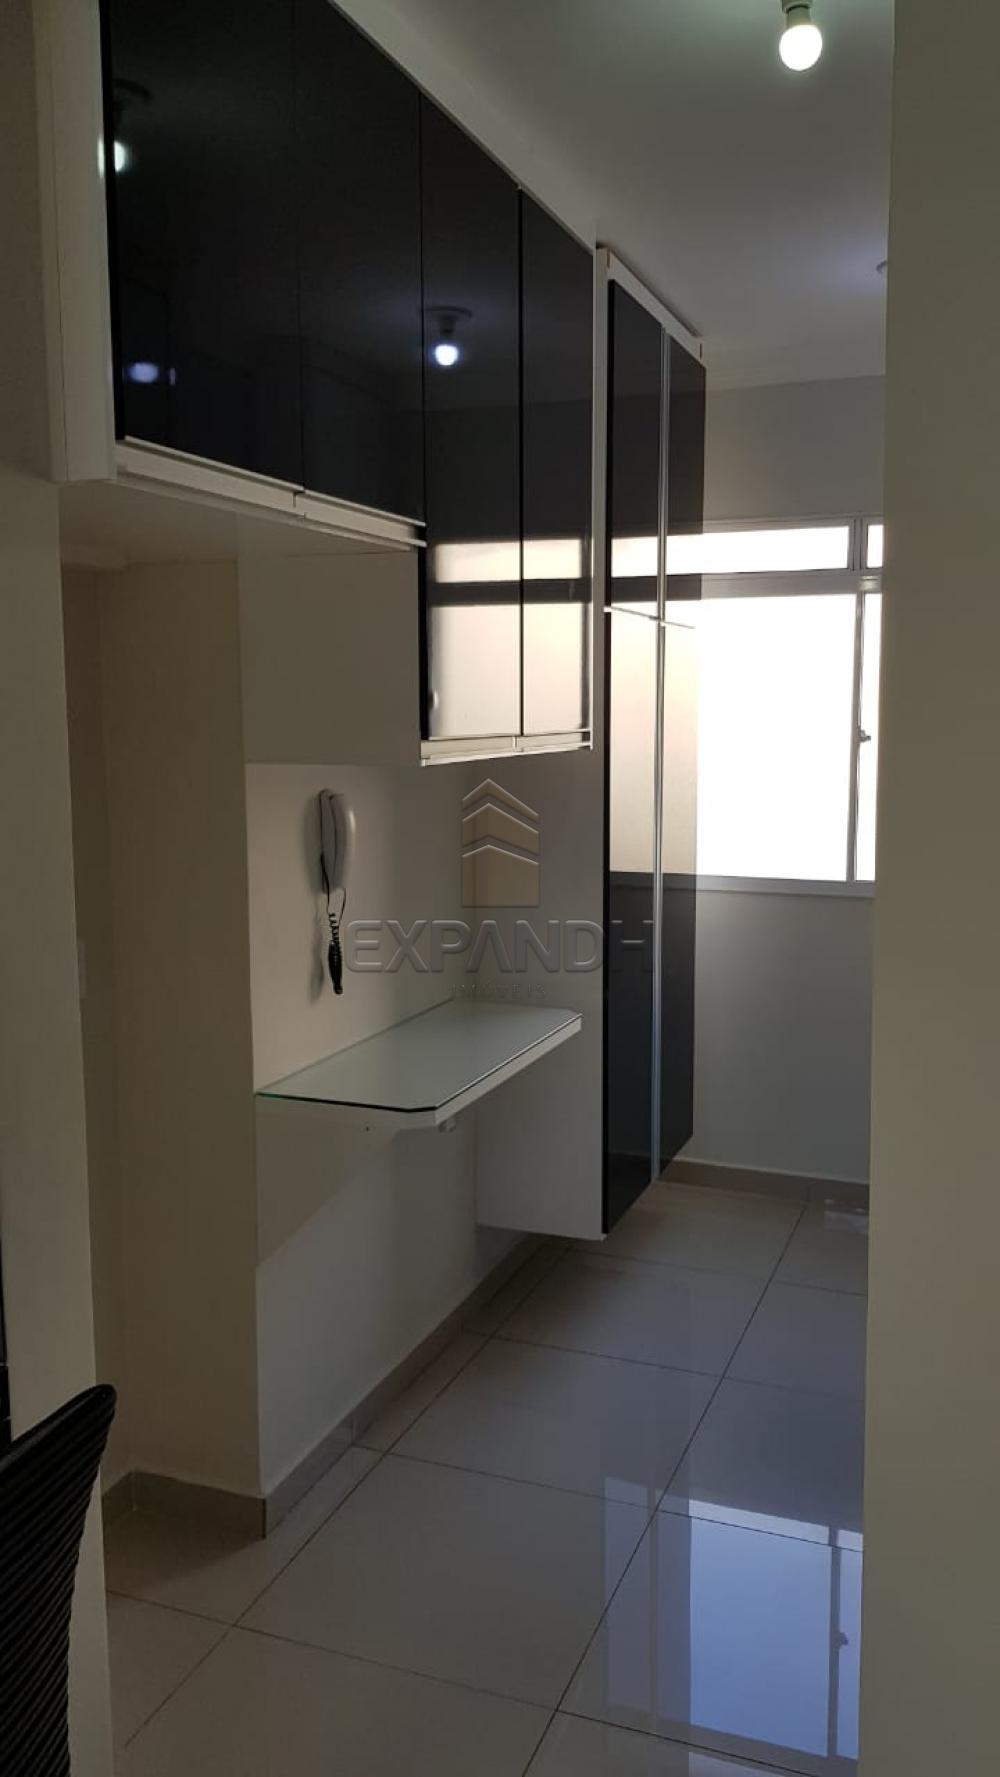 Comprar Apartamentos / Padrão em Sertãozinho R$ 150.000,00 - Foto 12